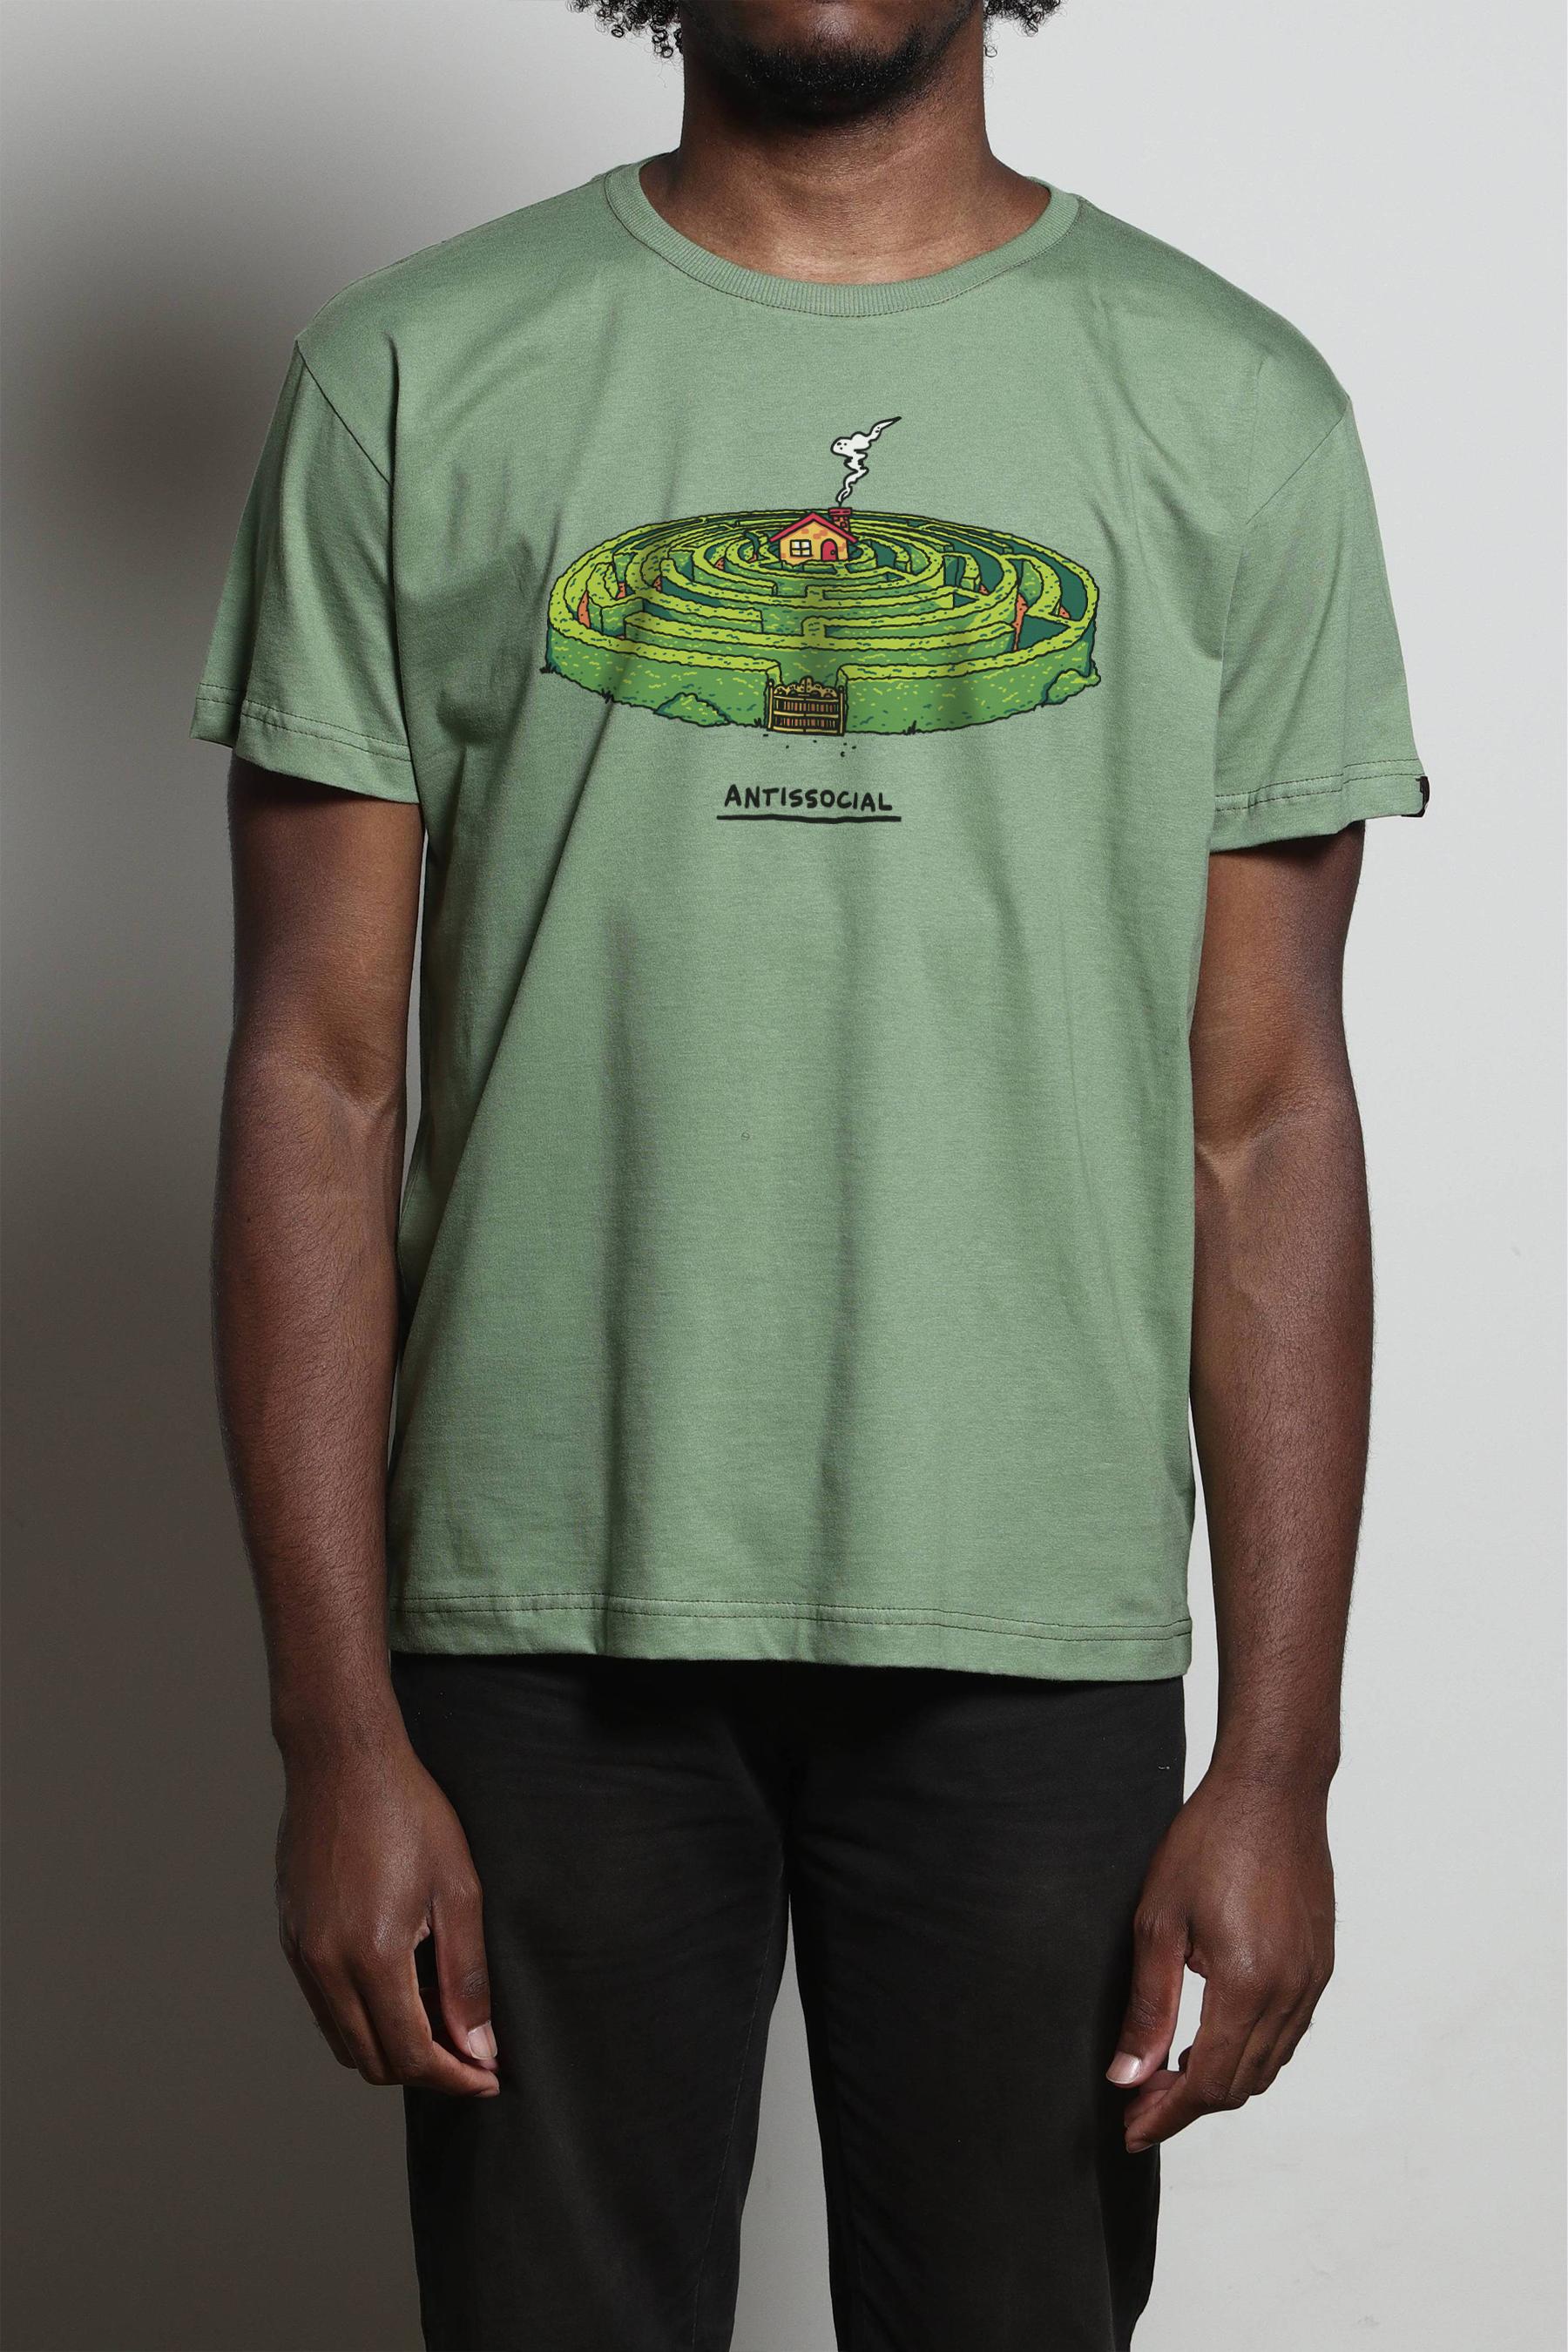 NÃO UTILIZAR!! Camiseta Bosque Antissocial